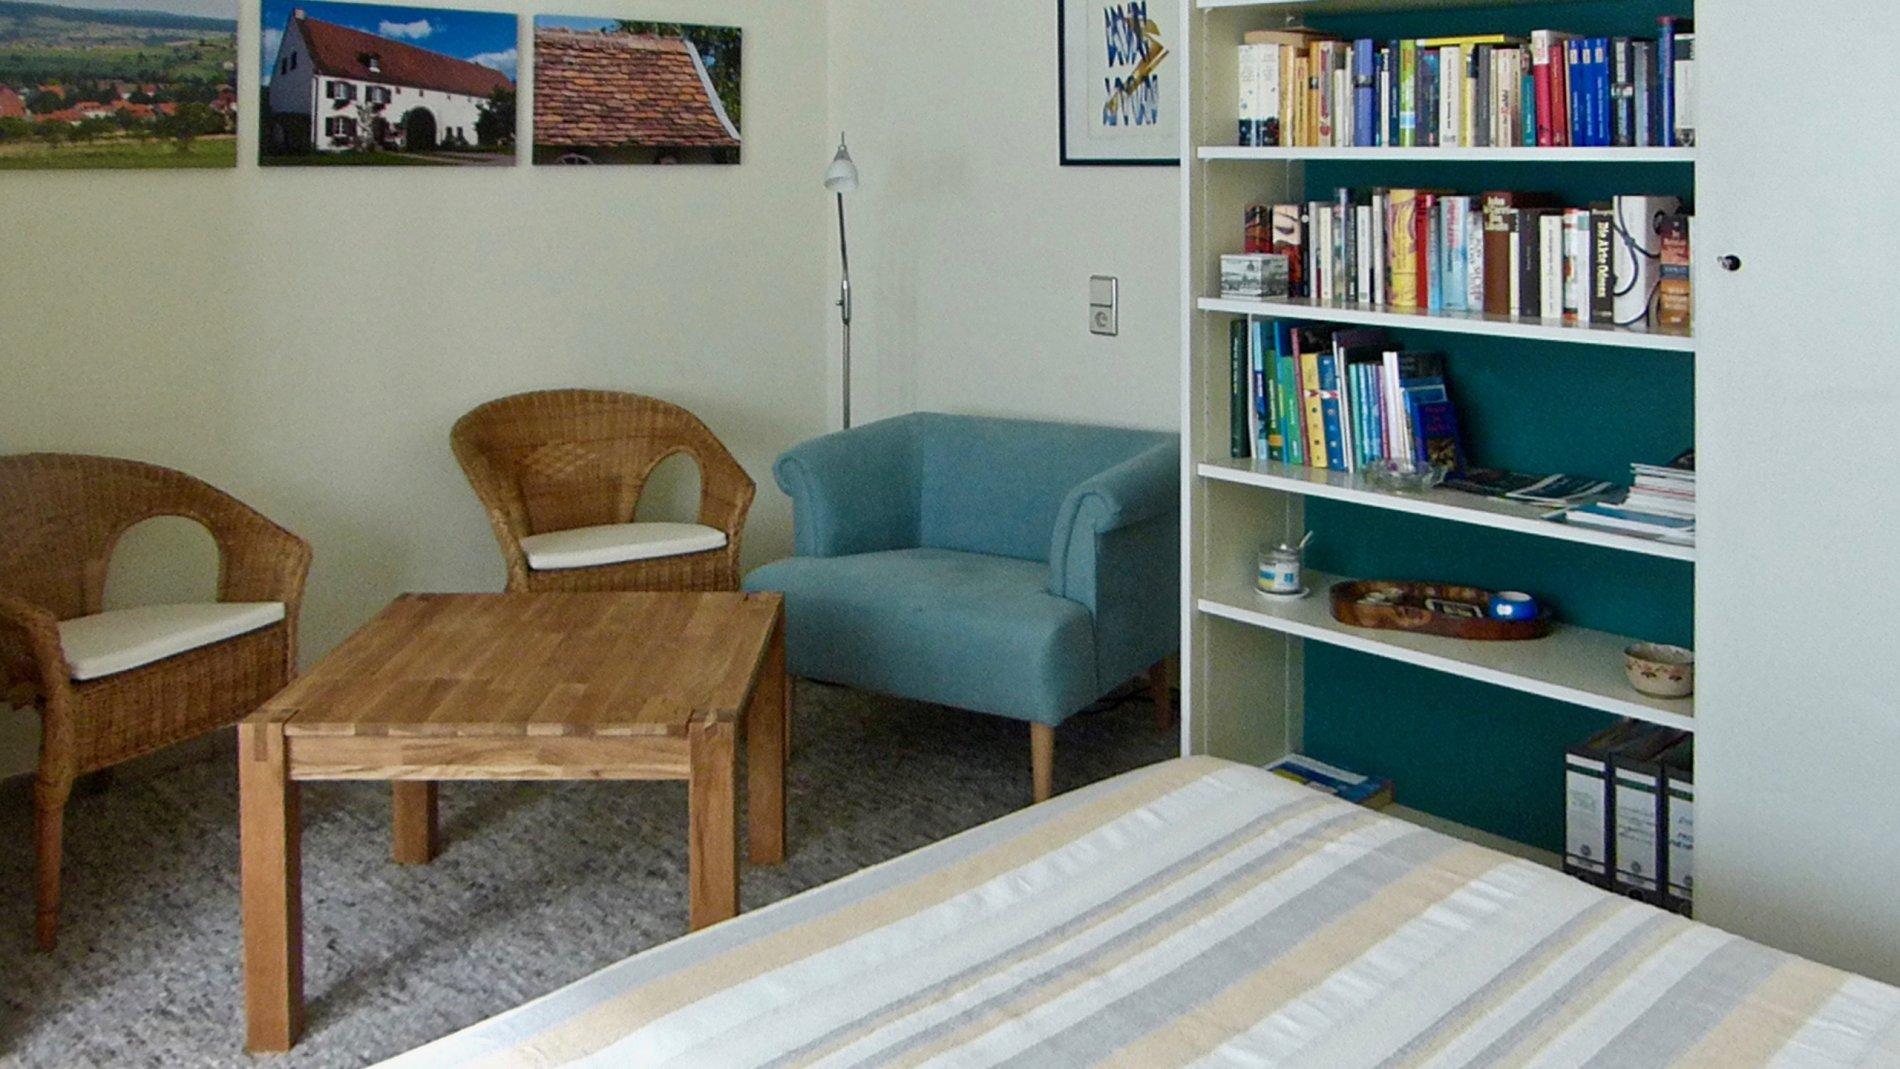 Sitzecke mit drei Sesseln/Stühlen, Tisch und Bücherschrank